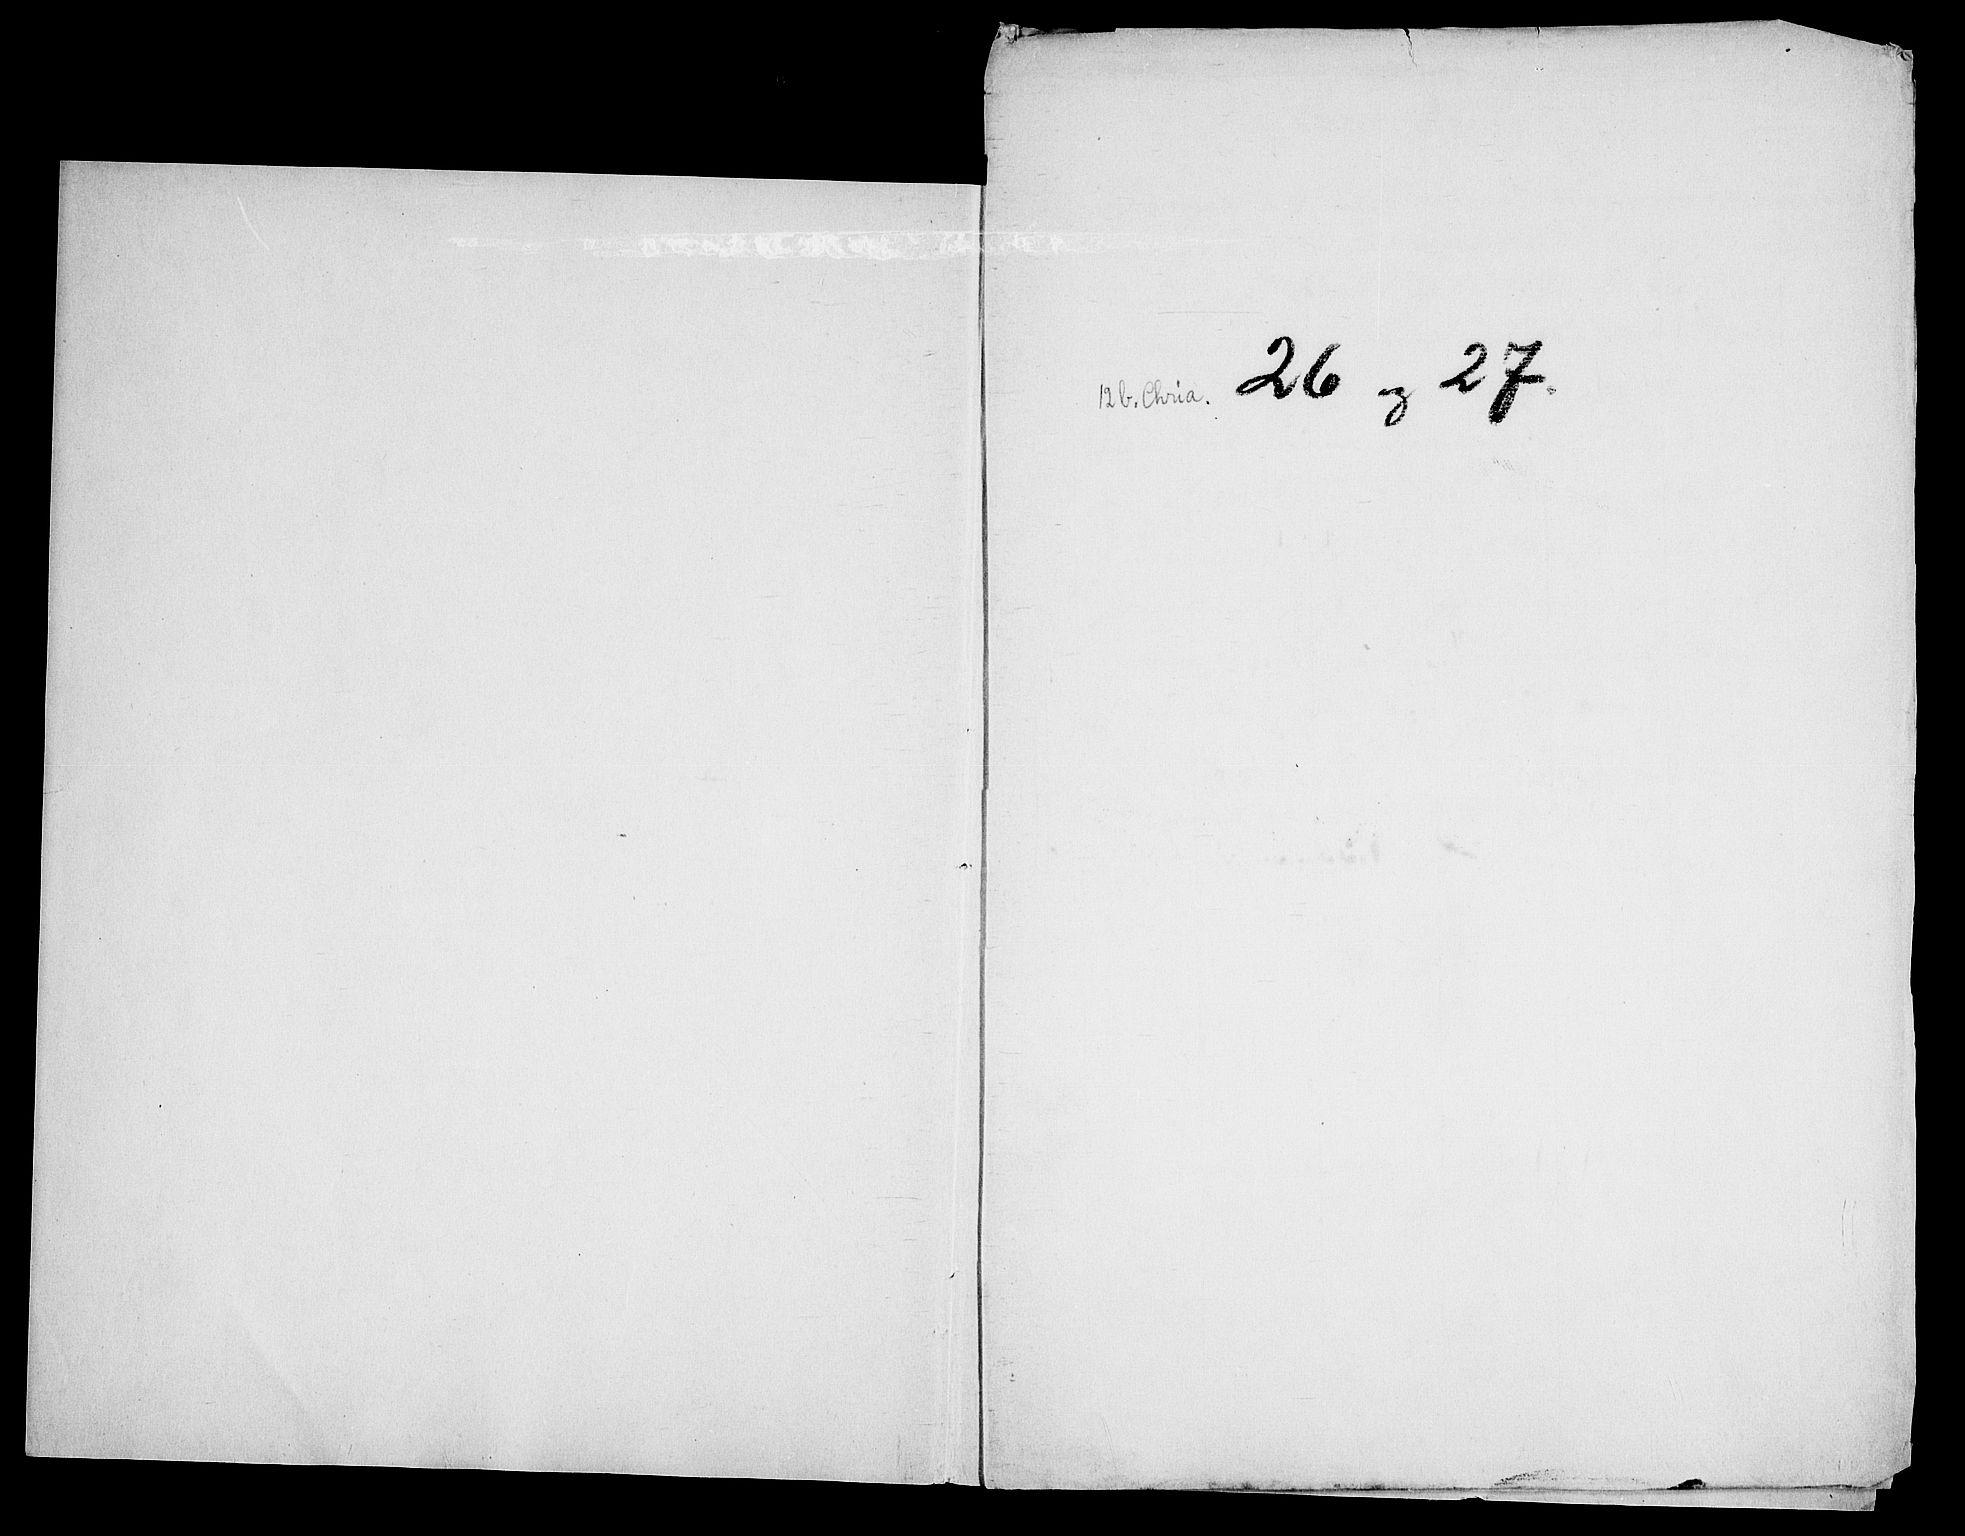 RA, Danske Kanselli, Skapsaker, G/L0019: Tillegg til skapsakene, 1616-1753, s. 394